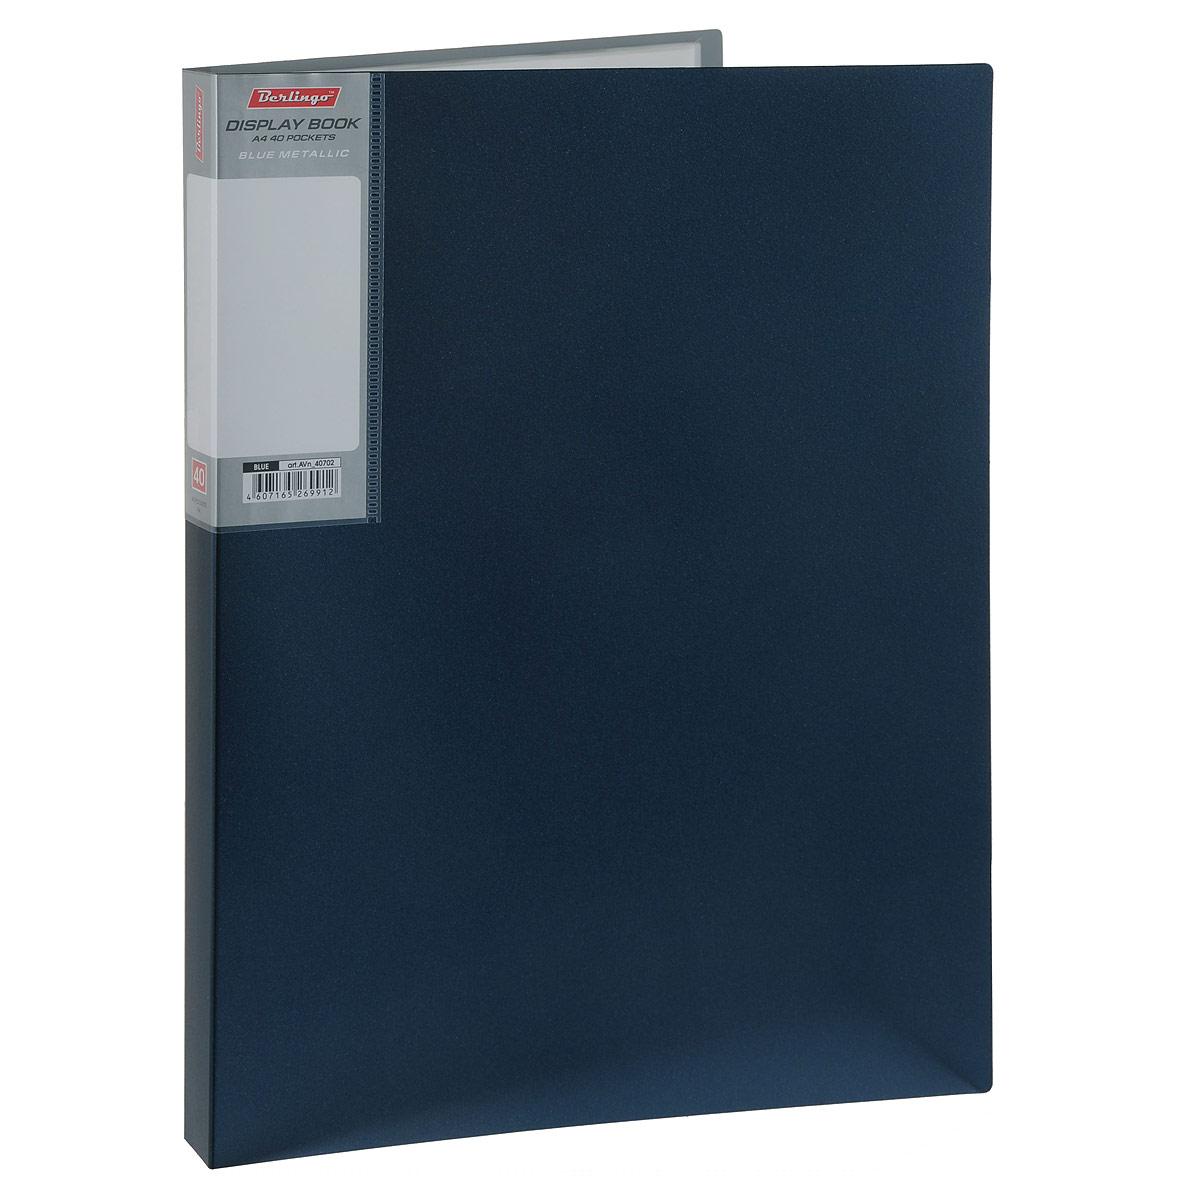 Папка Berlingo Metallic, на 40 файлов, цвет: темно-синий. Формат А4AVn_40702Папка Berlingo Metallic - это удобный и функциональный офисный инструмент, предназначенный для хранения и транспортировки рабочих бумаг и документов формата А4. Обложка папки изготовлена из прочного непрозрачного пластика с оформлением металлик. Папка включает в себя 40 прозрачных файлов формата А4. Папка - это незаменимый атрибут для студента, школьника, офисного работника. Такая папка надежно сохранит ваши документы и сбережет их от повреждений, пыли и влаги.